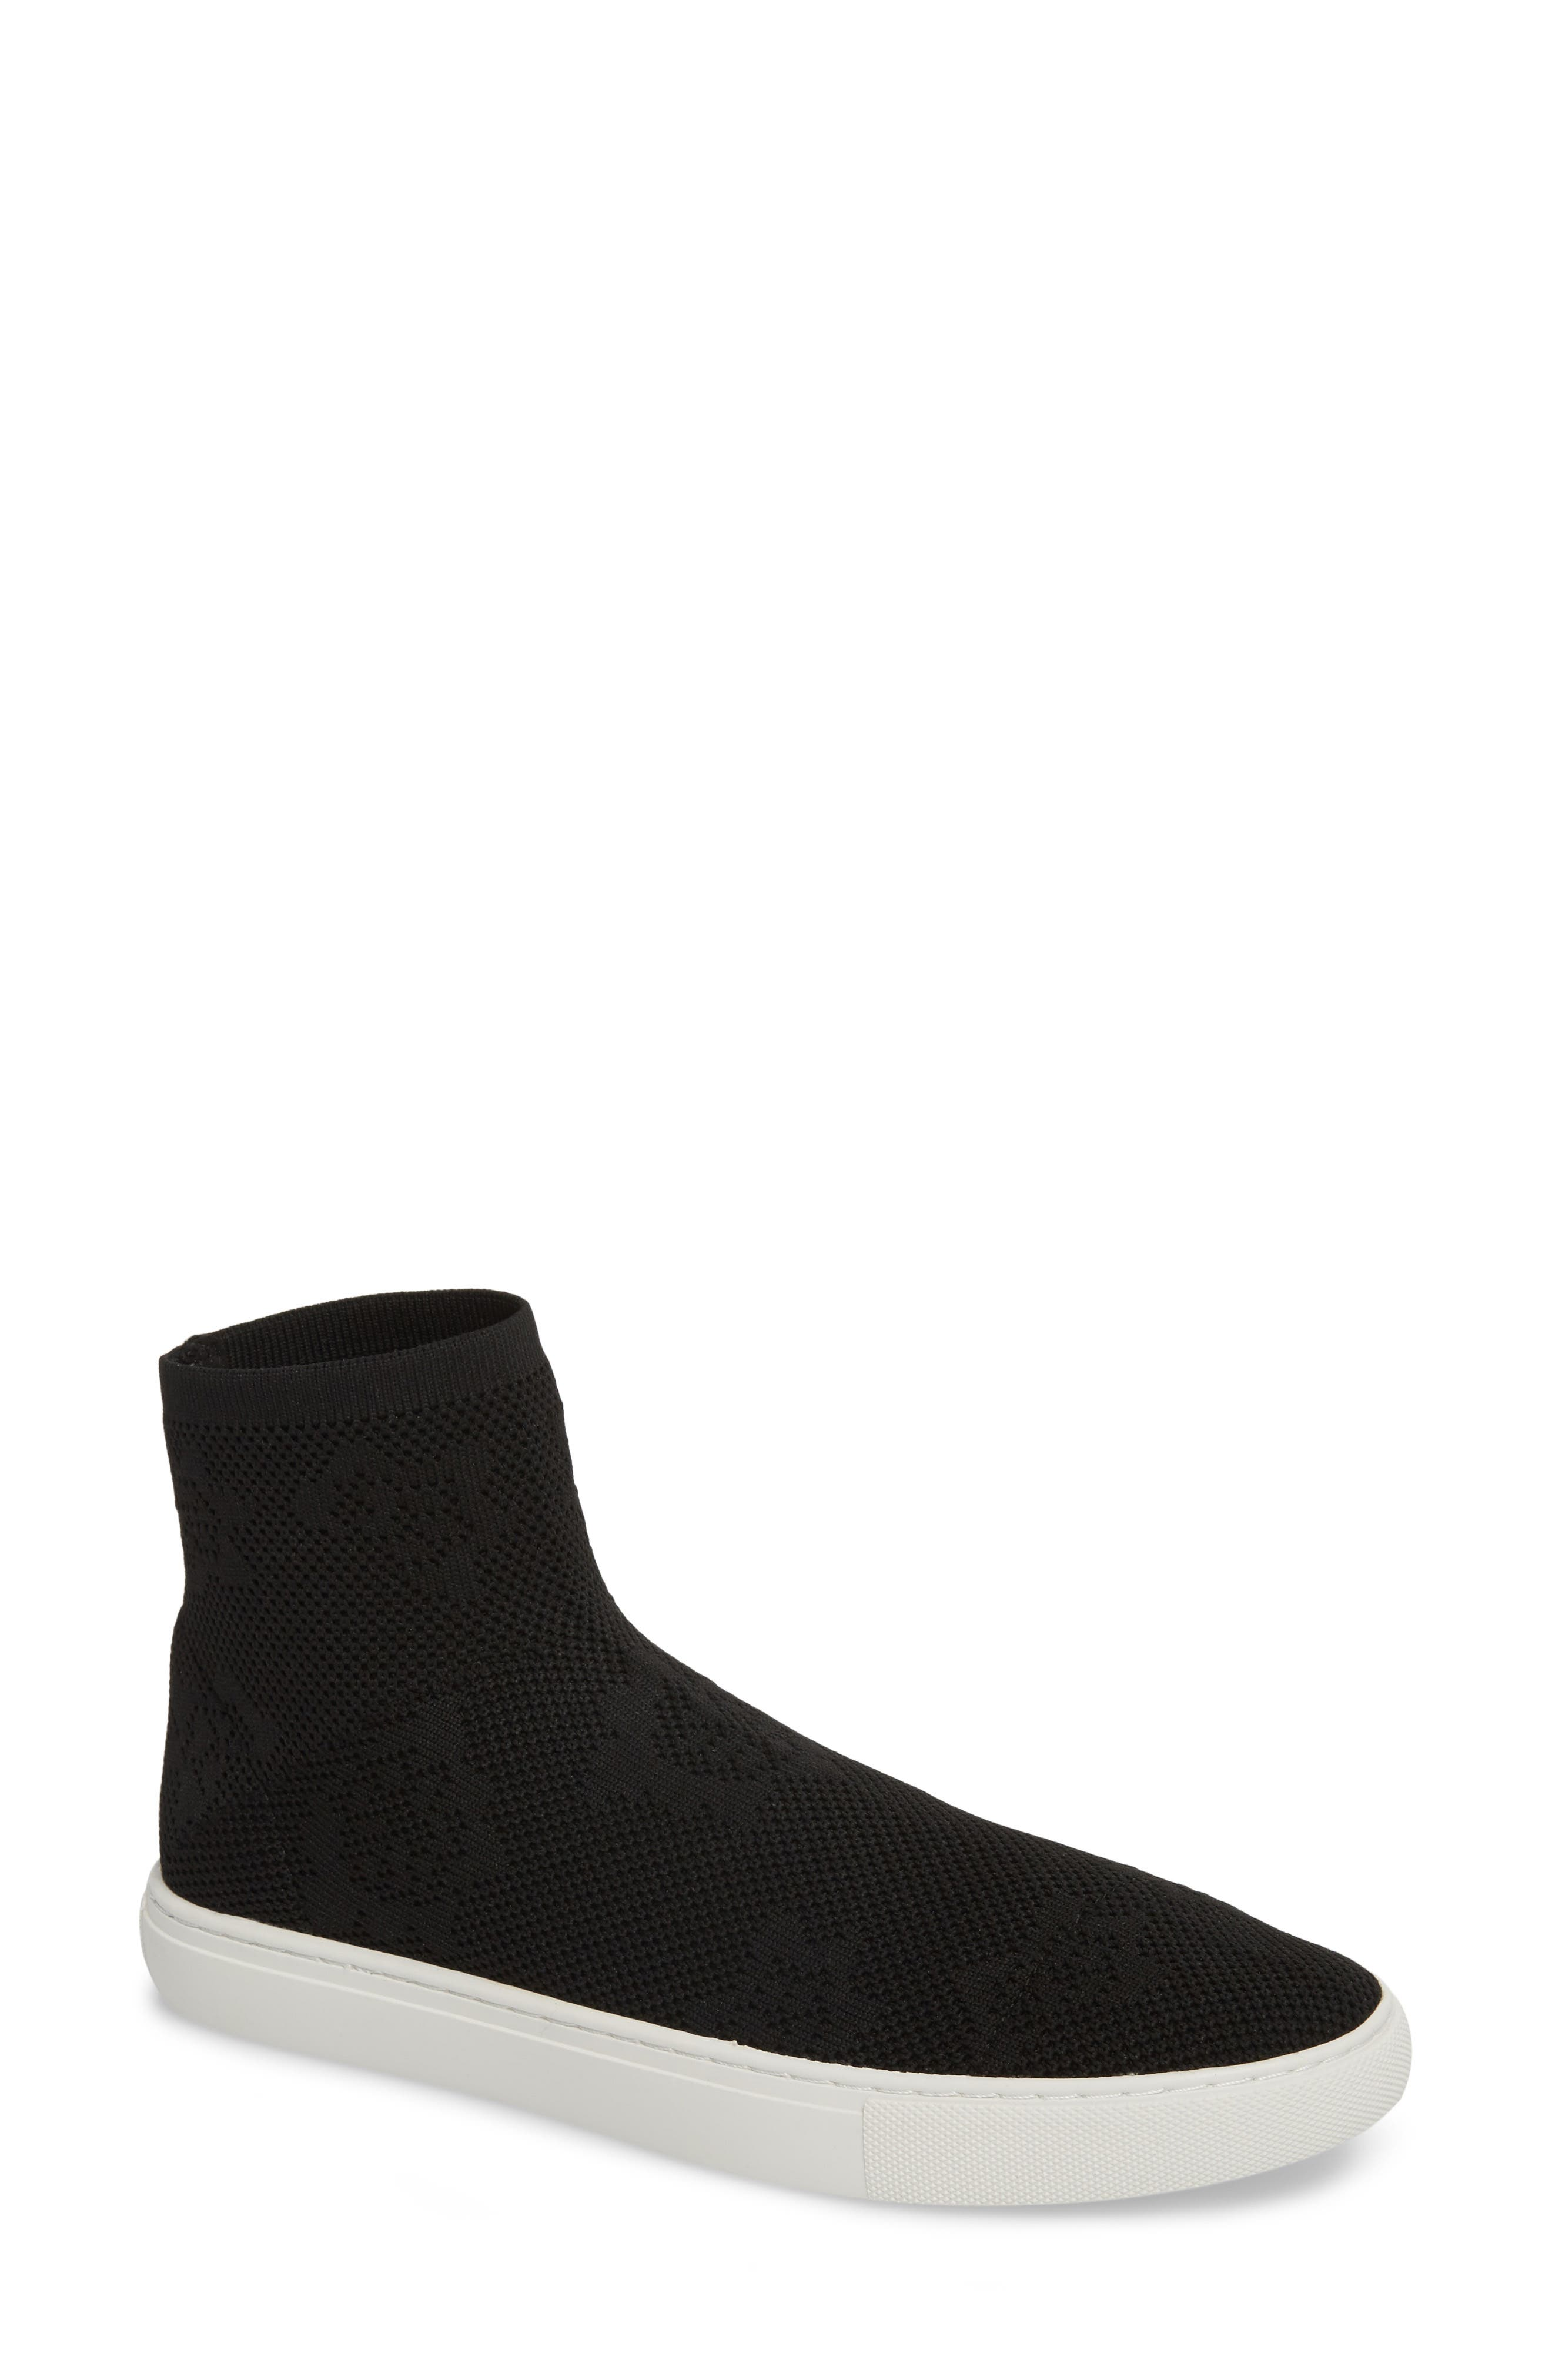 Keating Sneaker,                         Main,                         color,